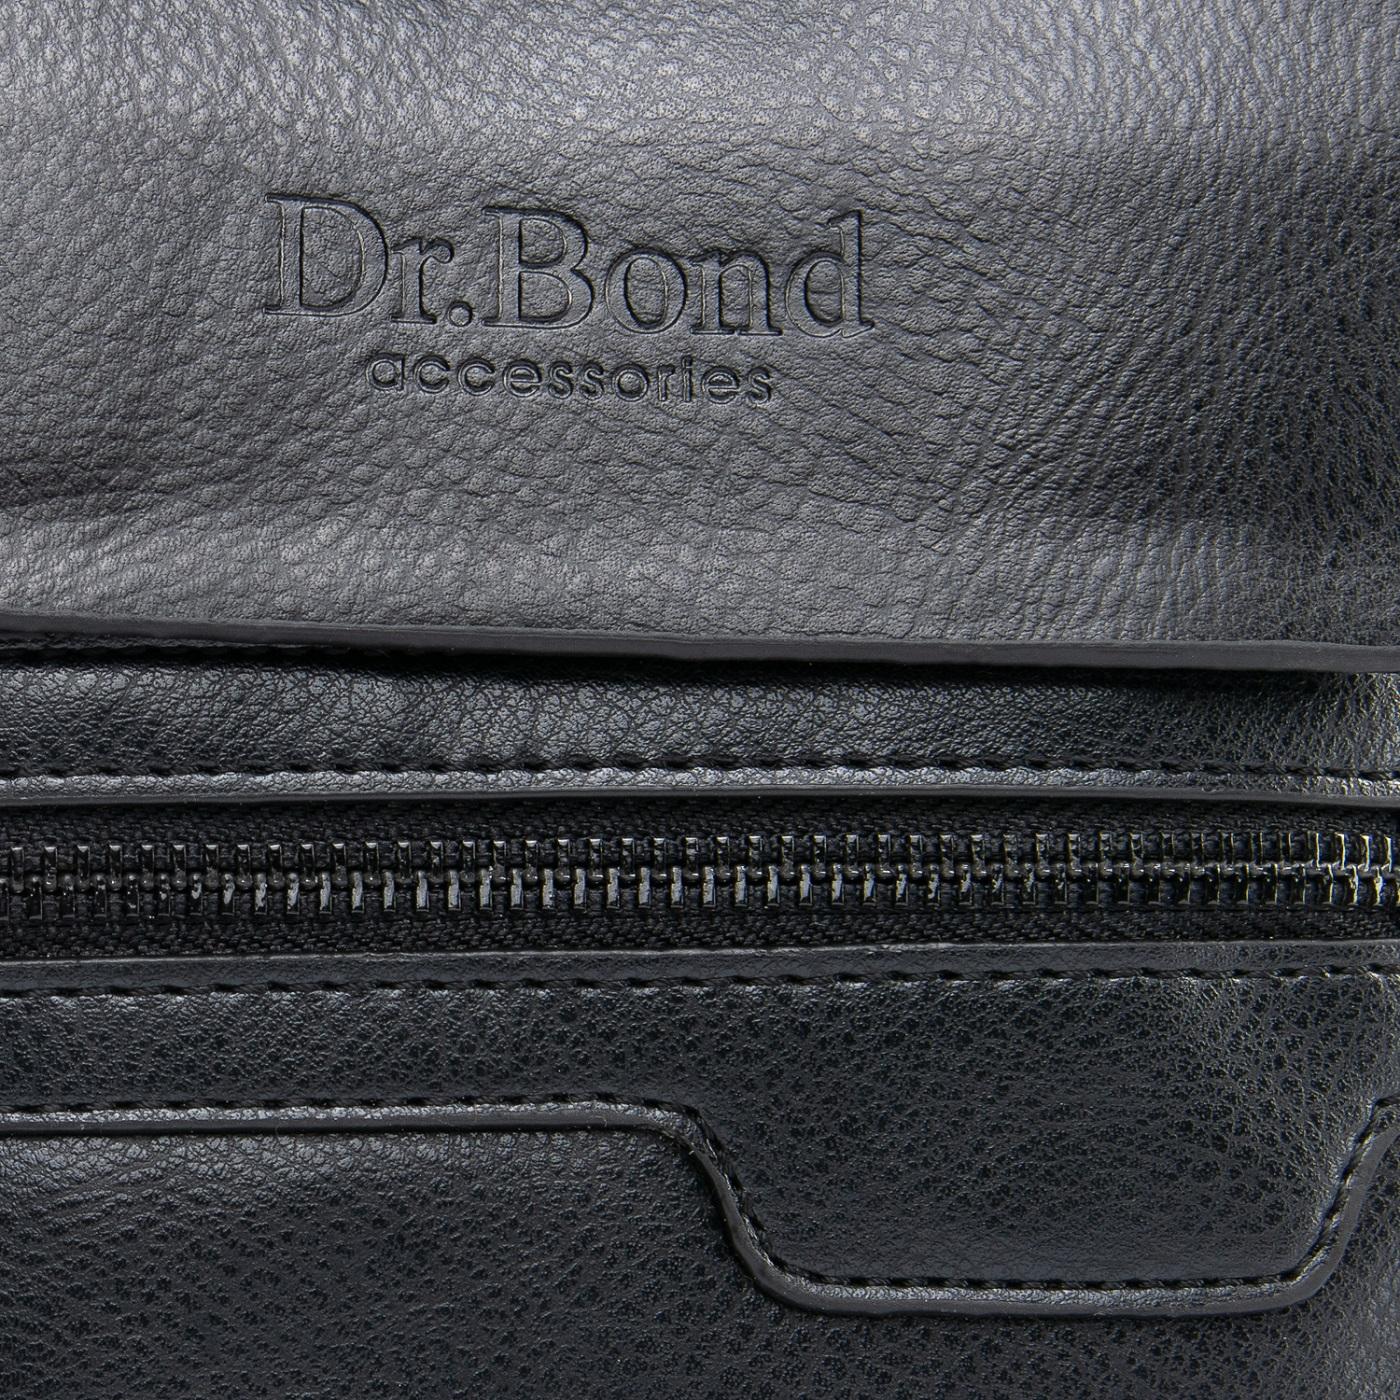 Сумка Мужская Планшет иск-кожа DR. BOND GL 303-1 black - фото 3